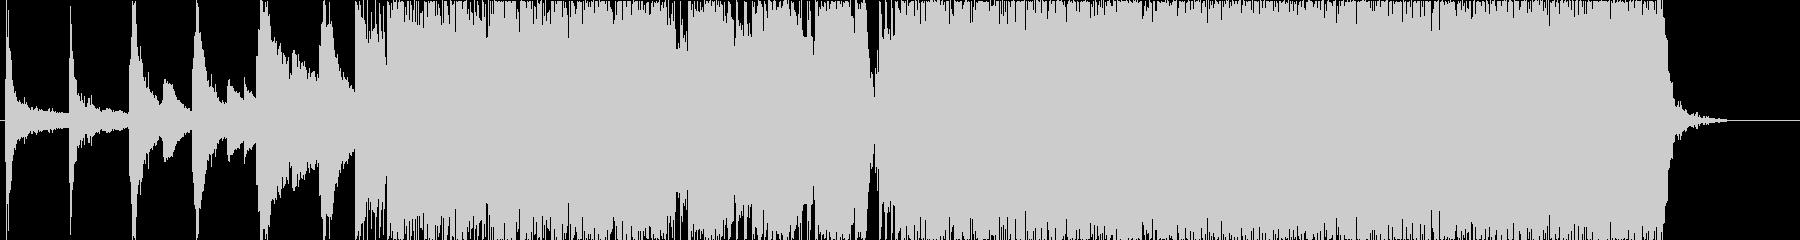 和楽器インストの未再生の波形